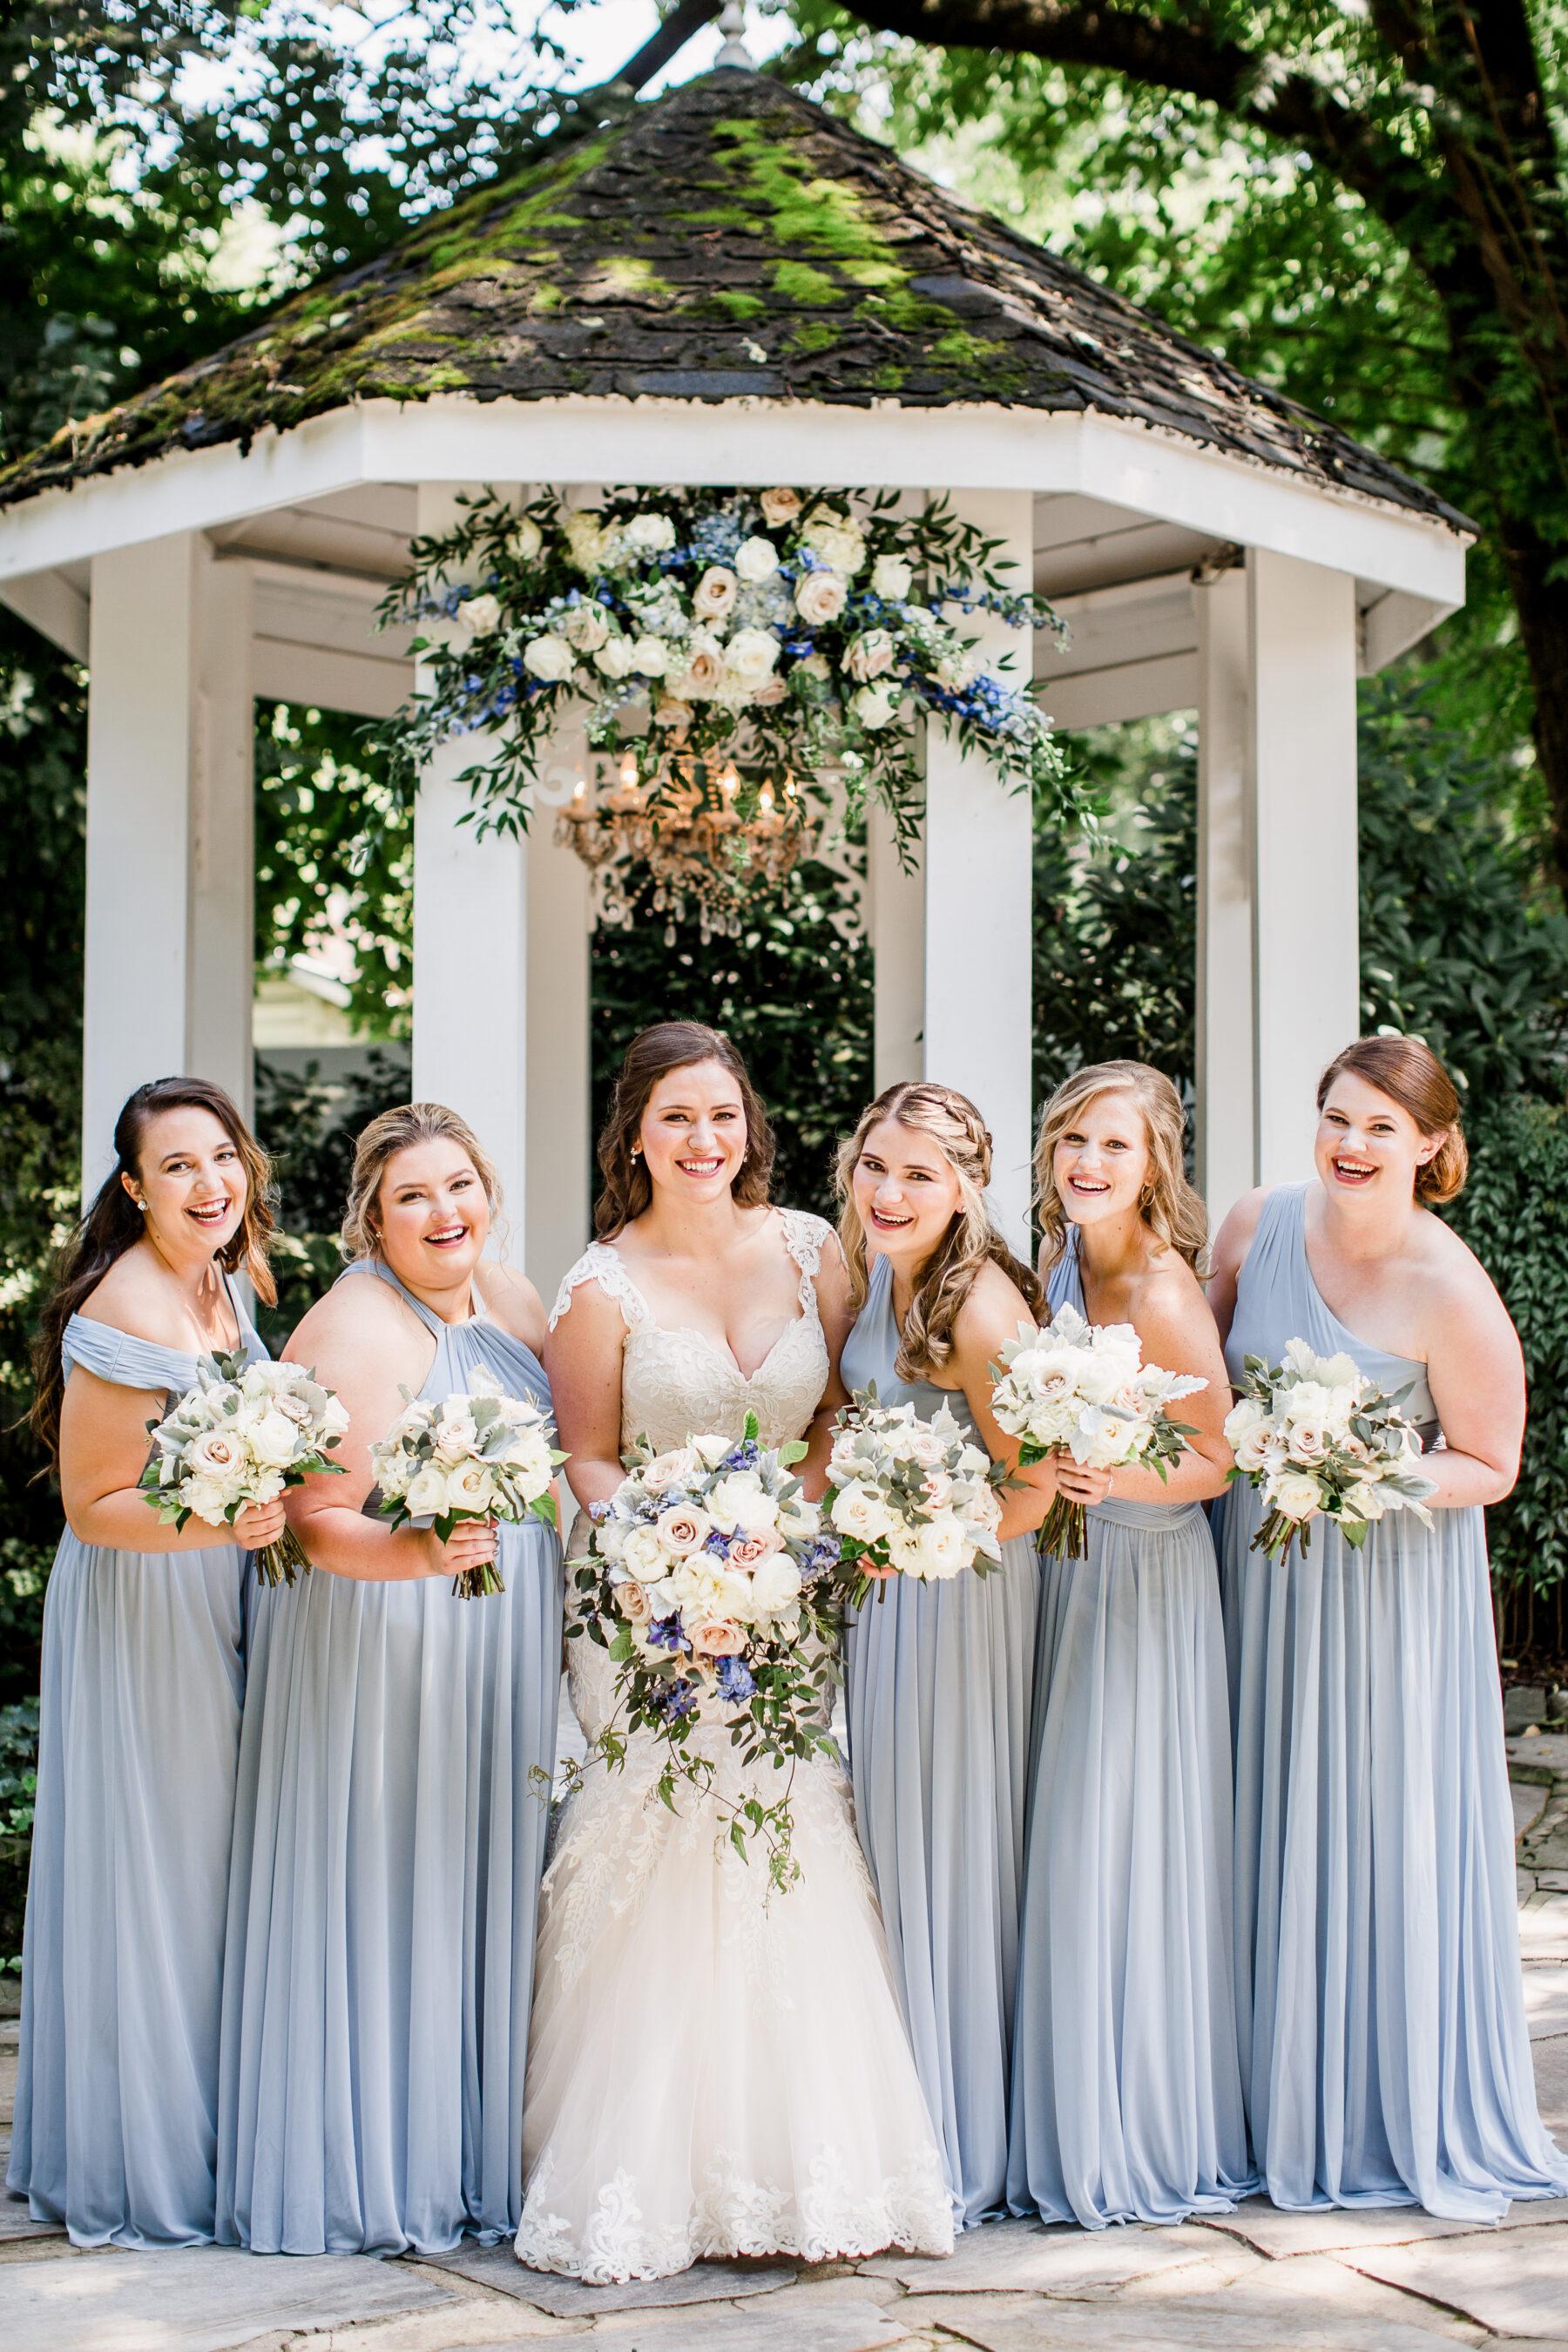 Dusty Blue Bridesmaids Dresses | Nashville Bride Guide